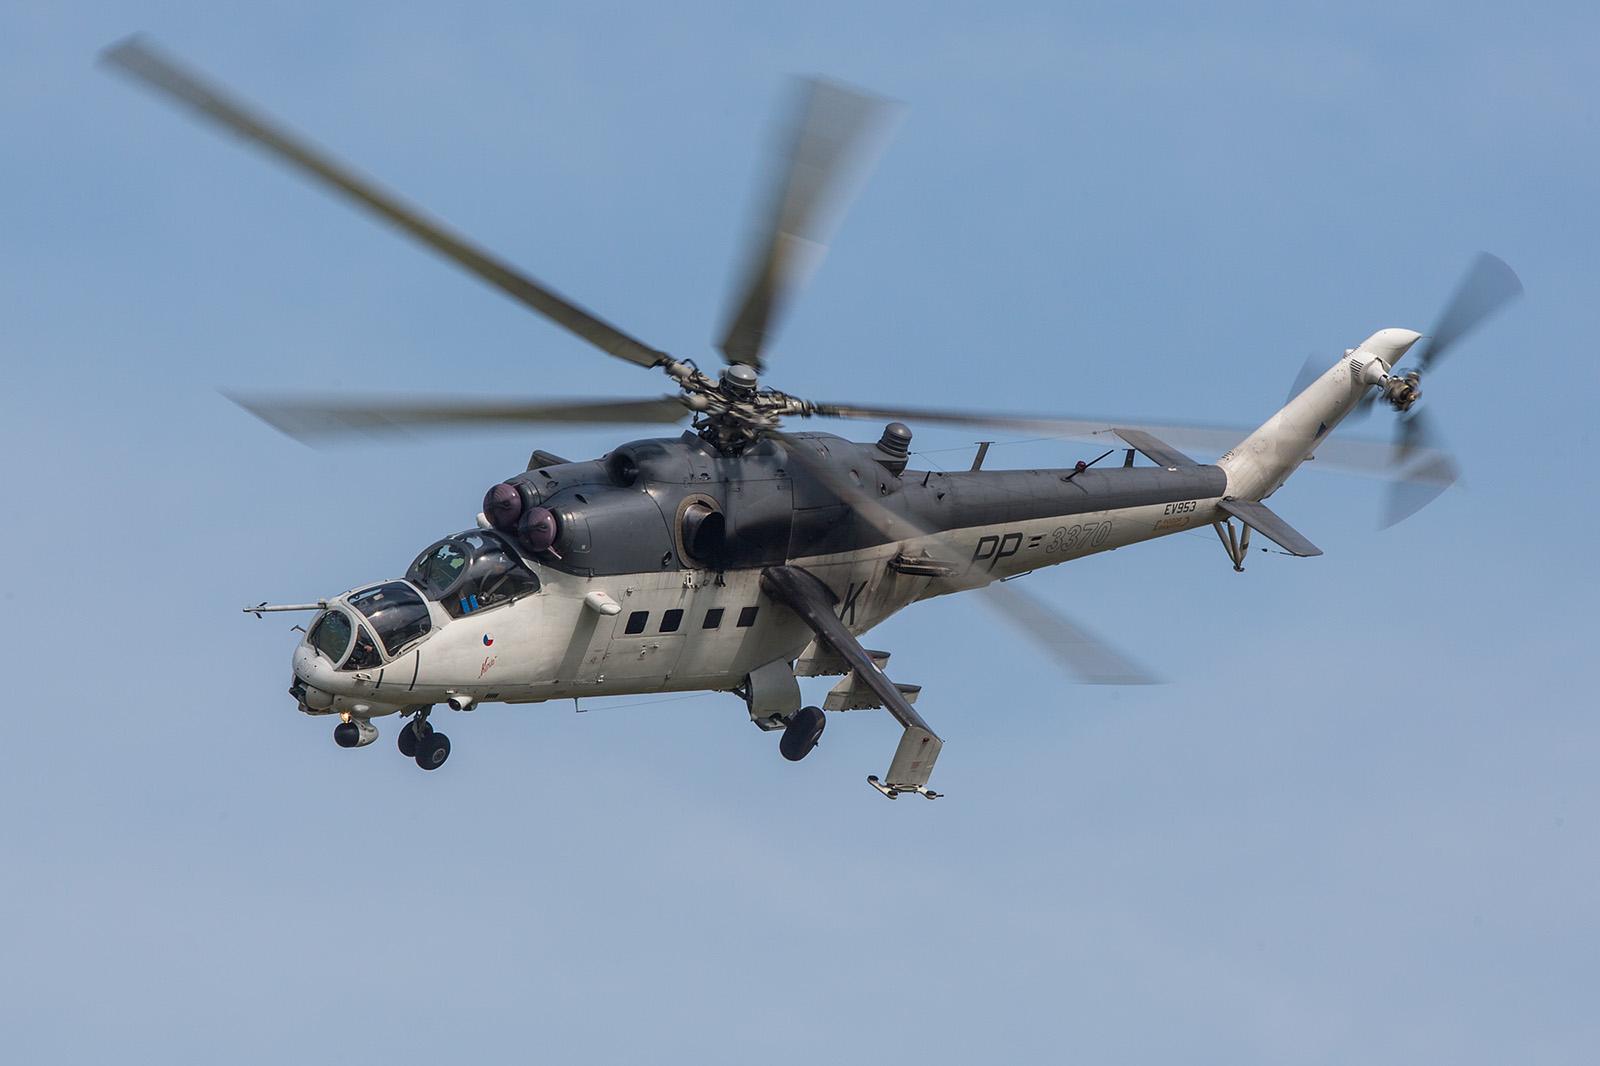 Die Mi-35 3370 im Display.